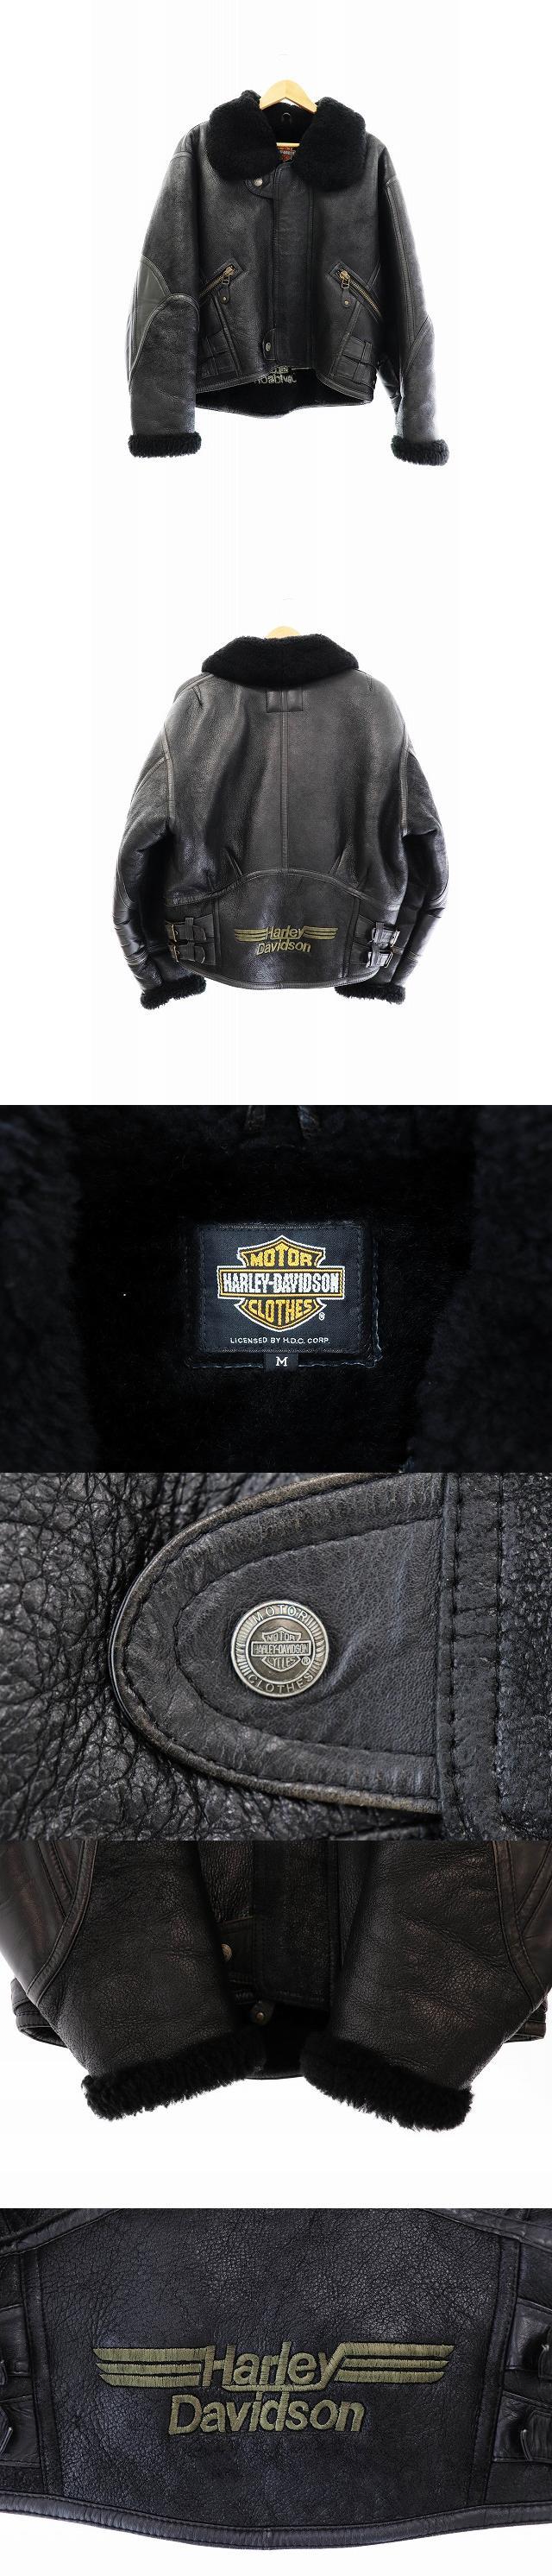 ムートン レザー ジャケット ライダース 革ジャン 刺繍 M 黒 ブラック ブランド古着ベクトル 中古● 200108 0080